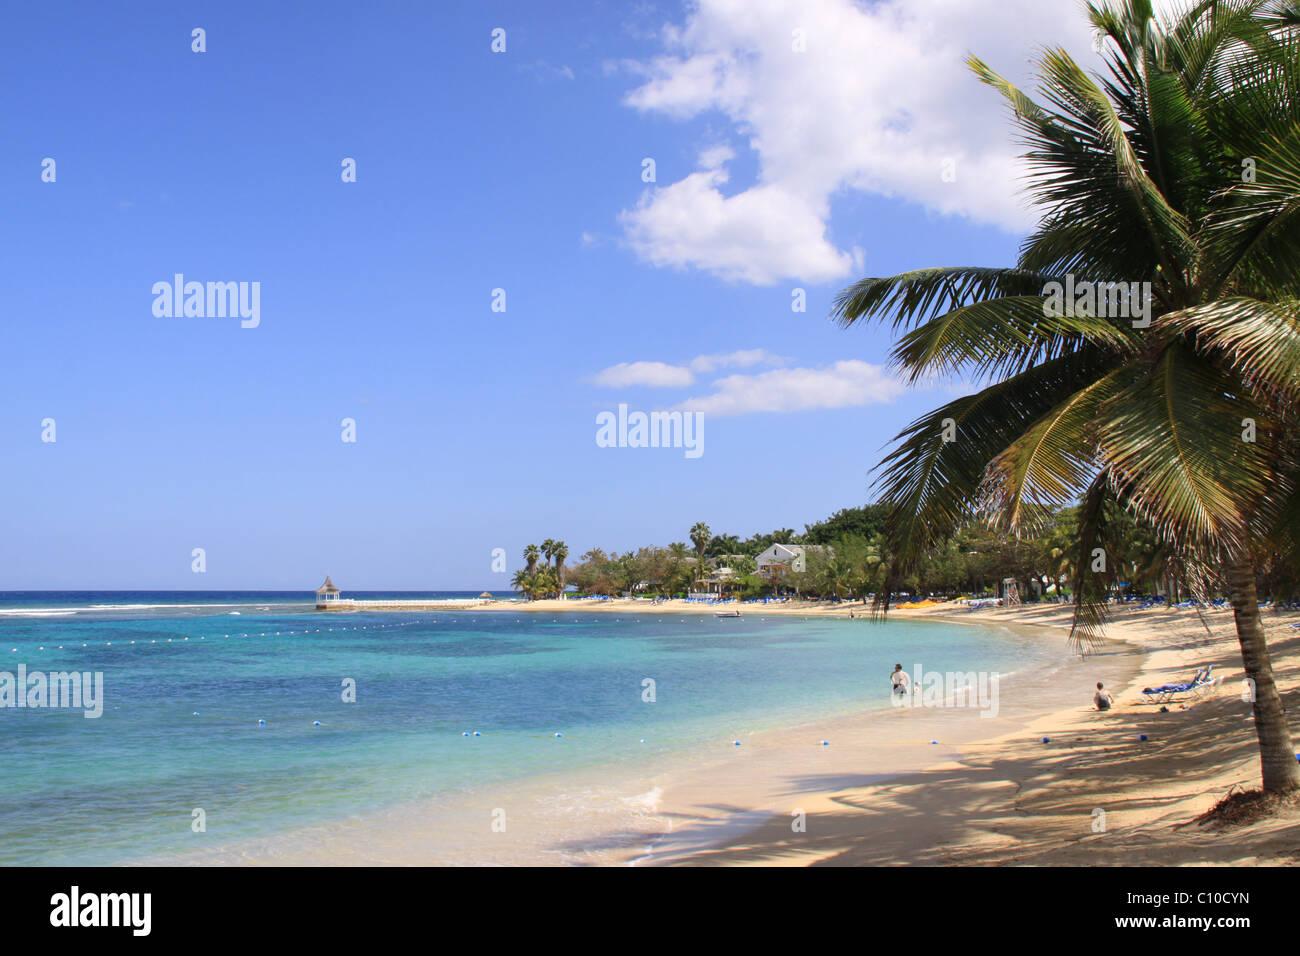 beach, ocean, sea, palm tree, holiday idylic, vacation, Jamaica, Caribbean - Stock Image